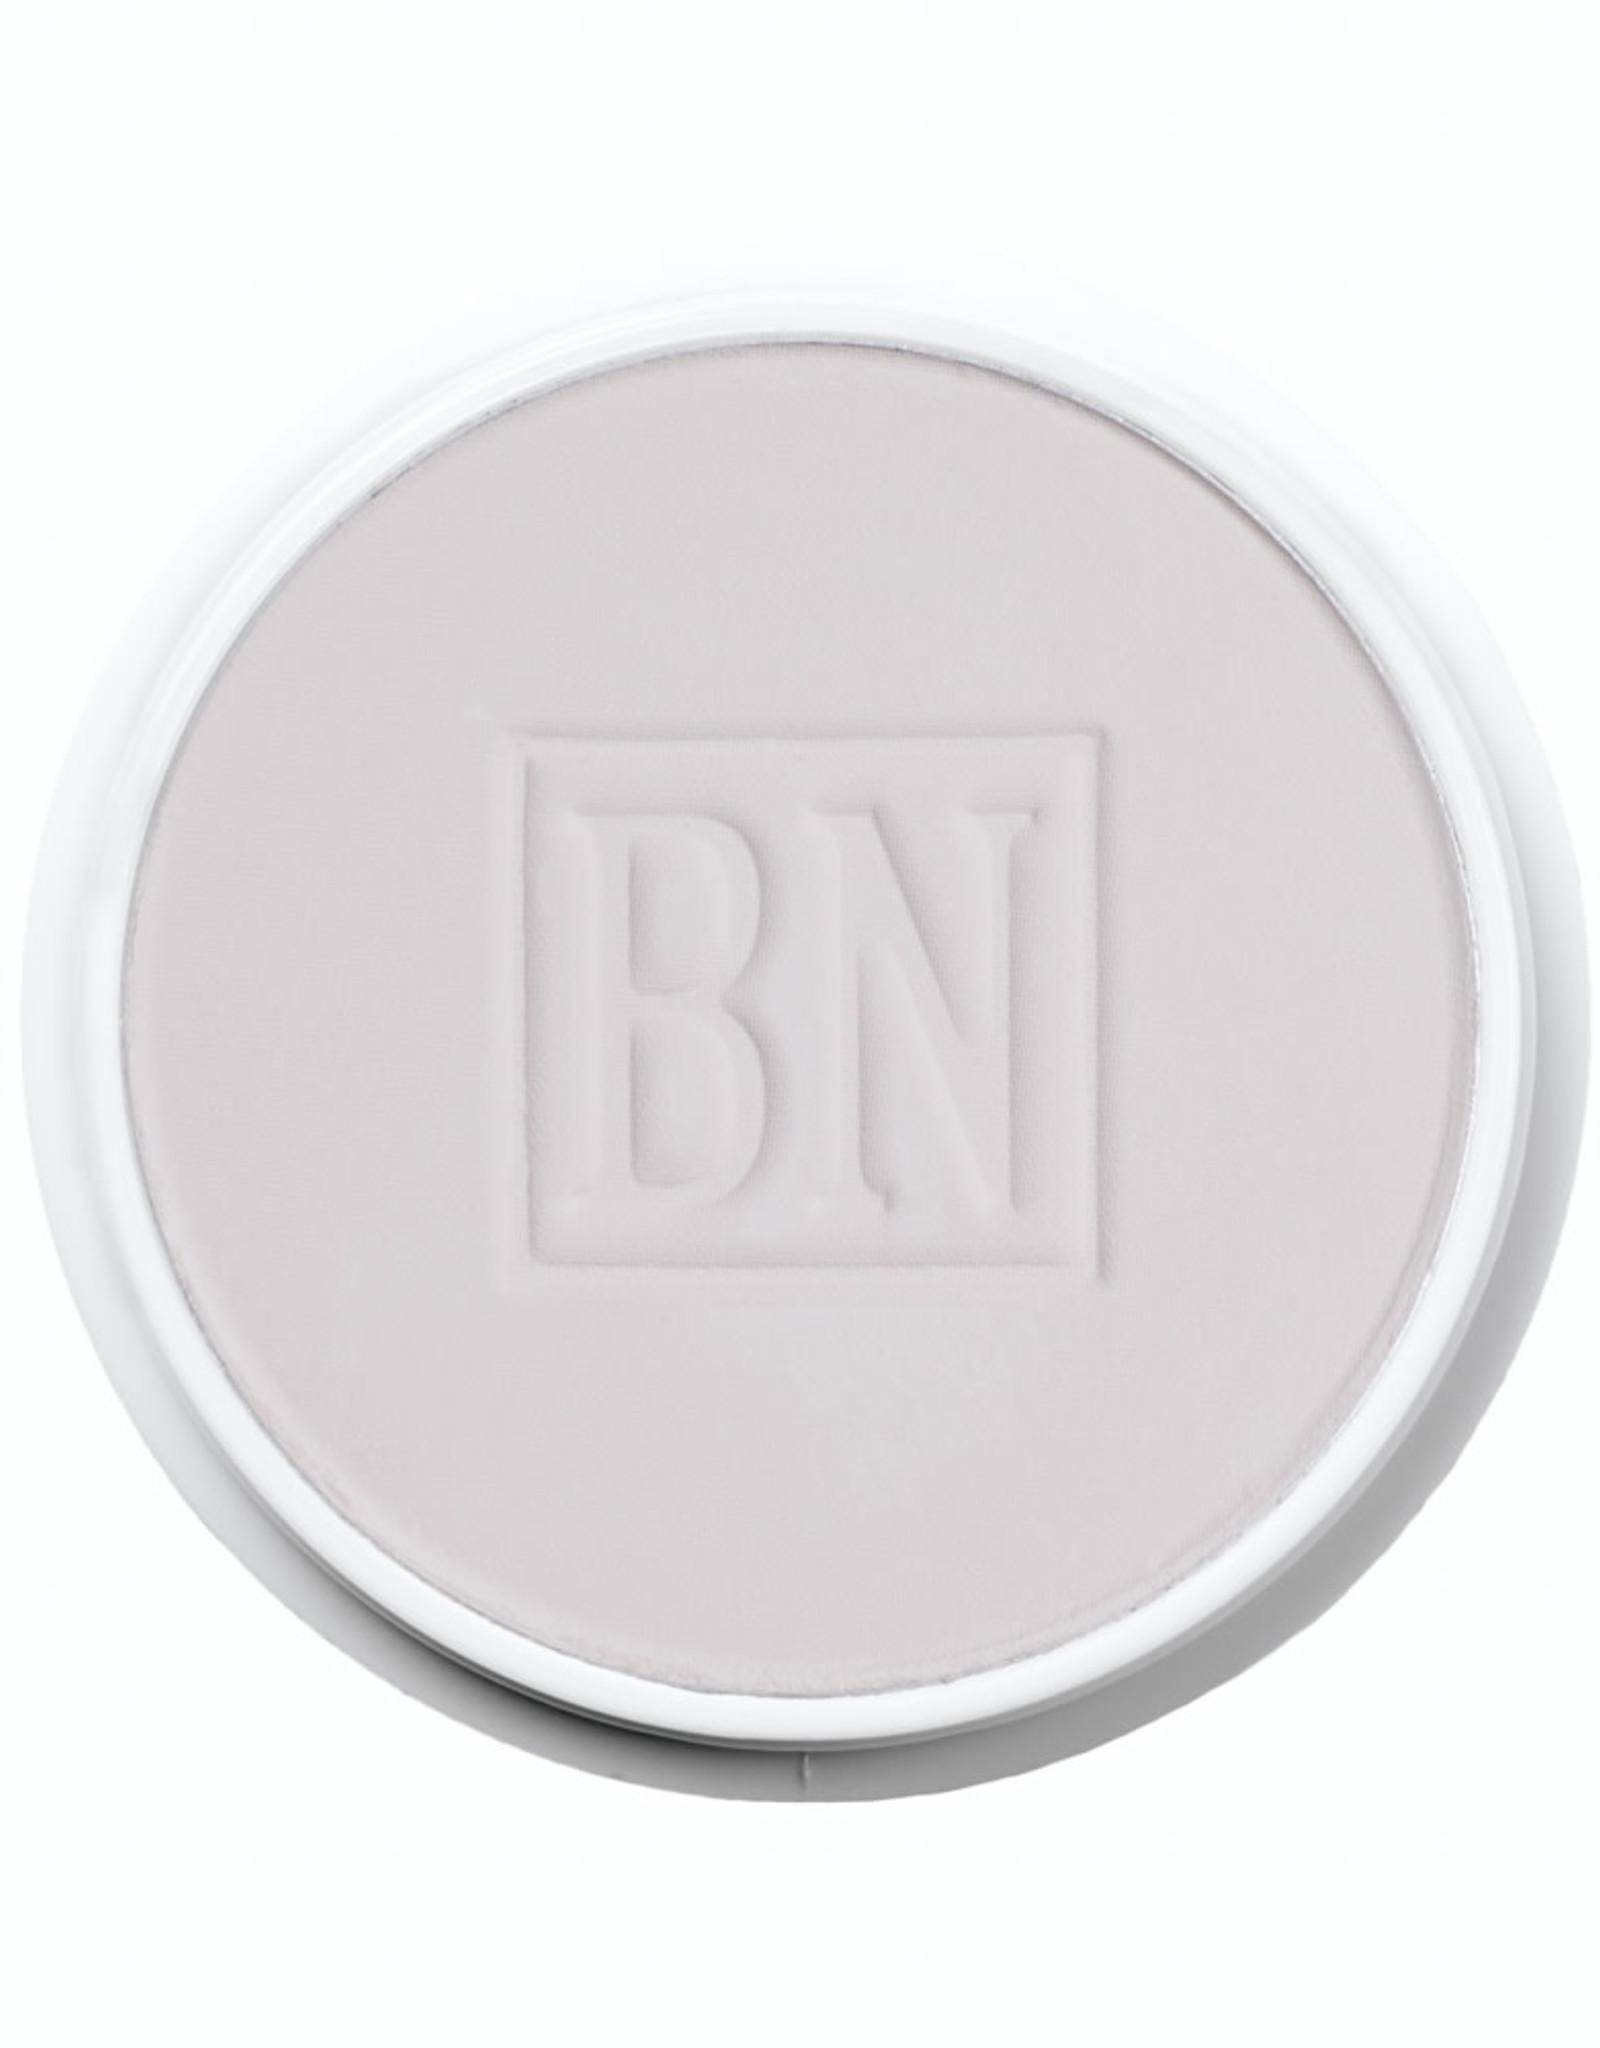 Ben Nye FOUNDATION-CAKE, PORCELN, 1 OZ